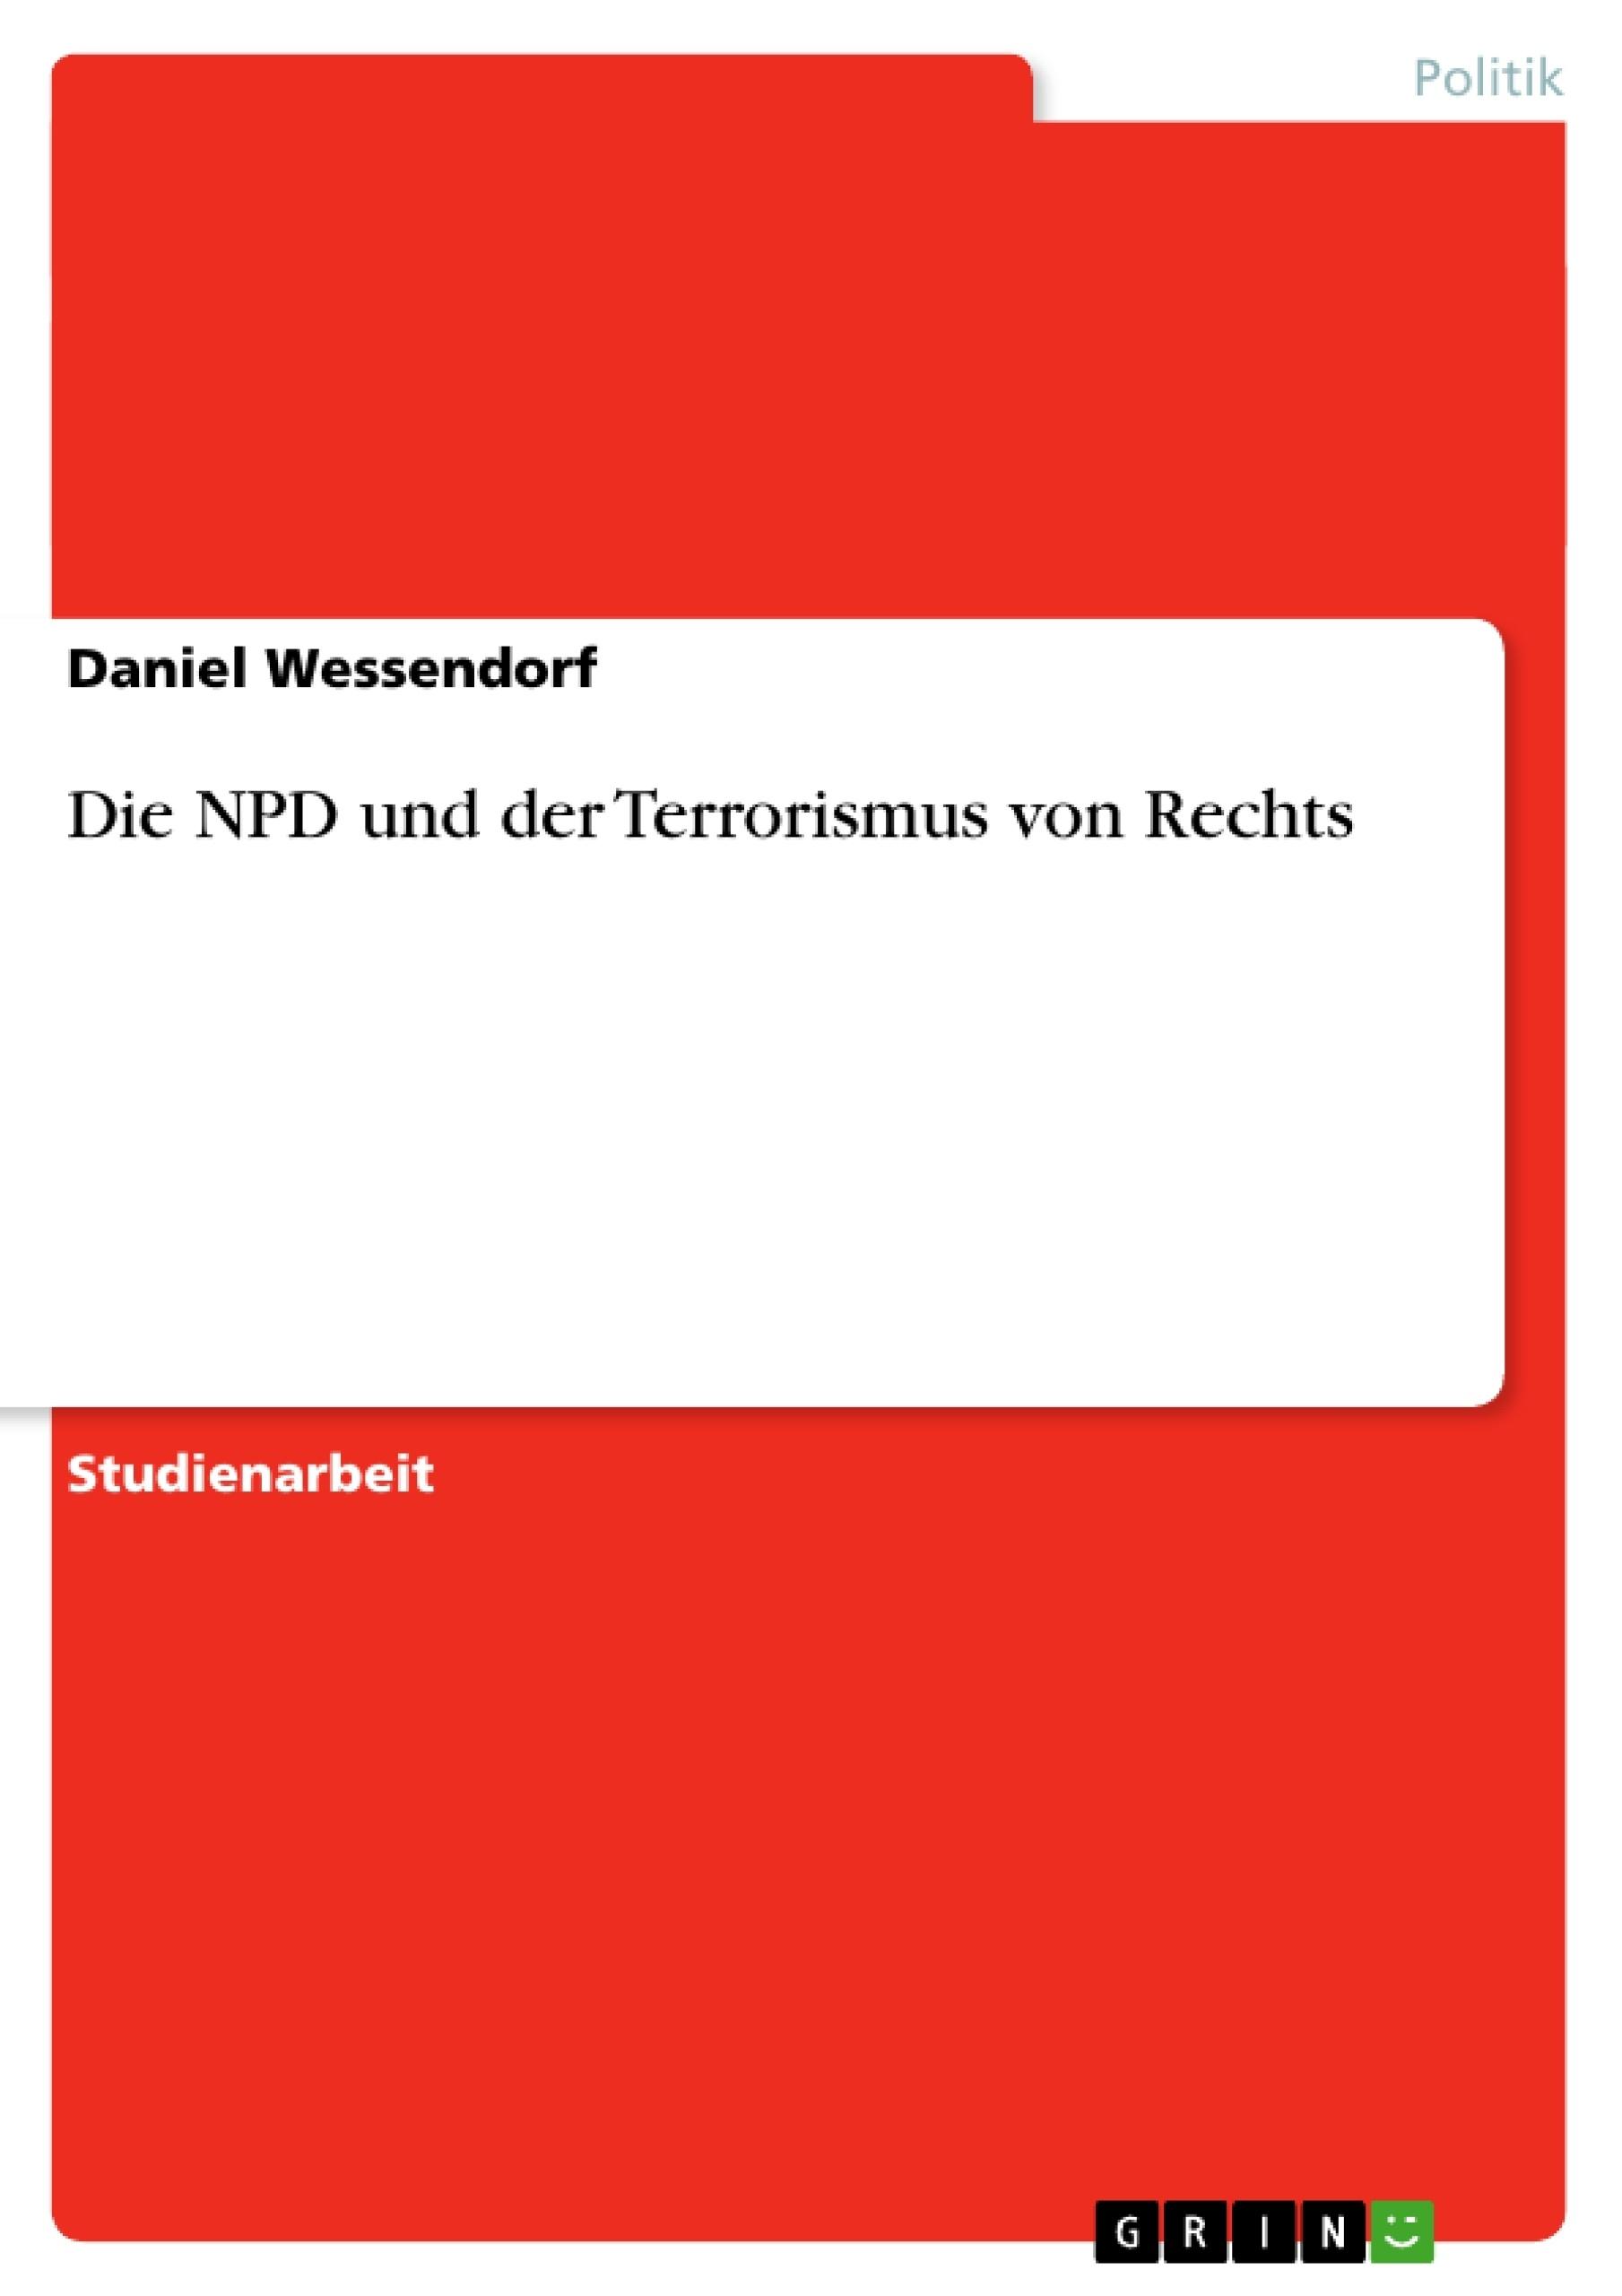 Titel: Die NPD und der Terrorismus von Rechts